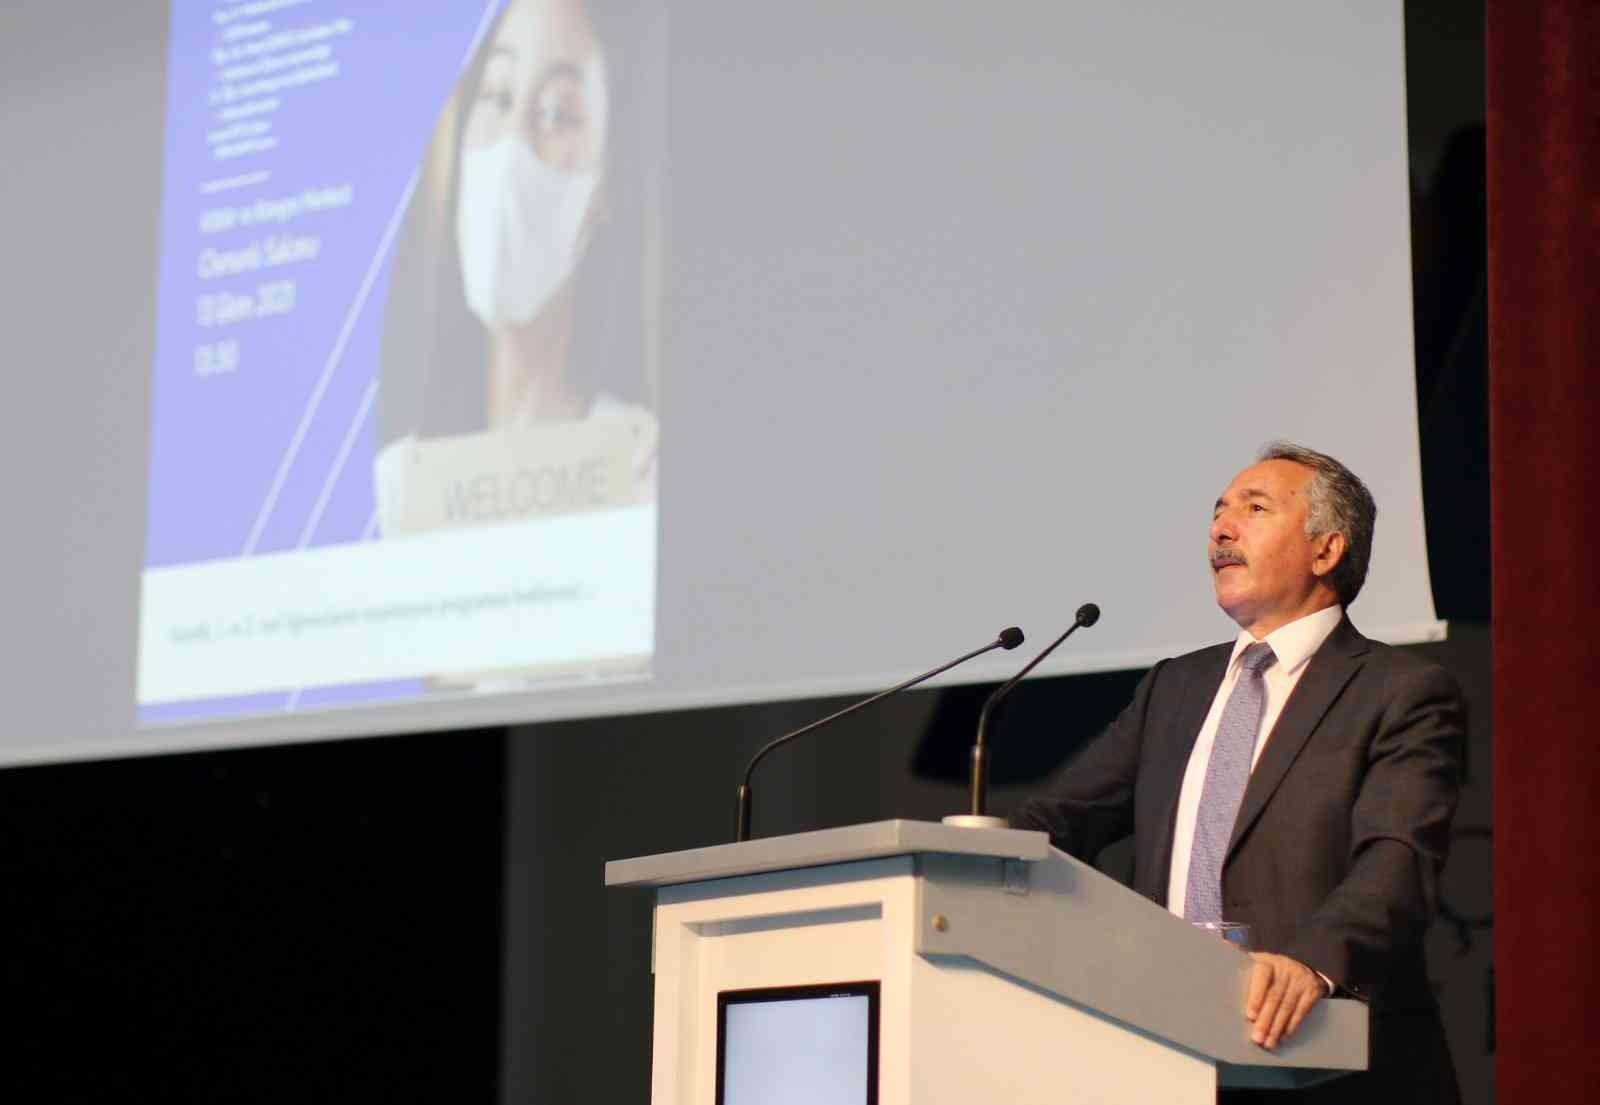 AİÇÜ Rektörü Prof. Dr. Karabulut öğrencilerle bir araya geldi